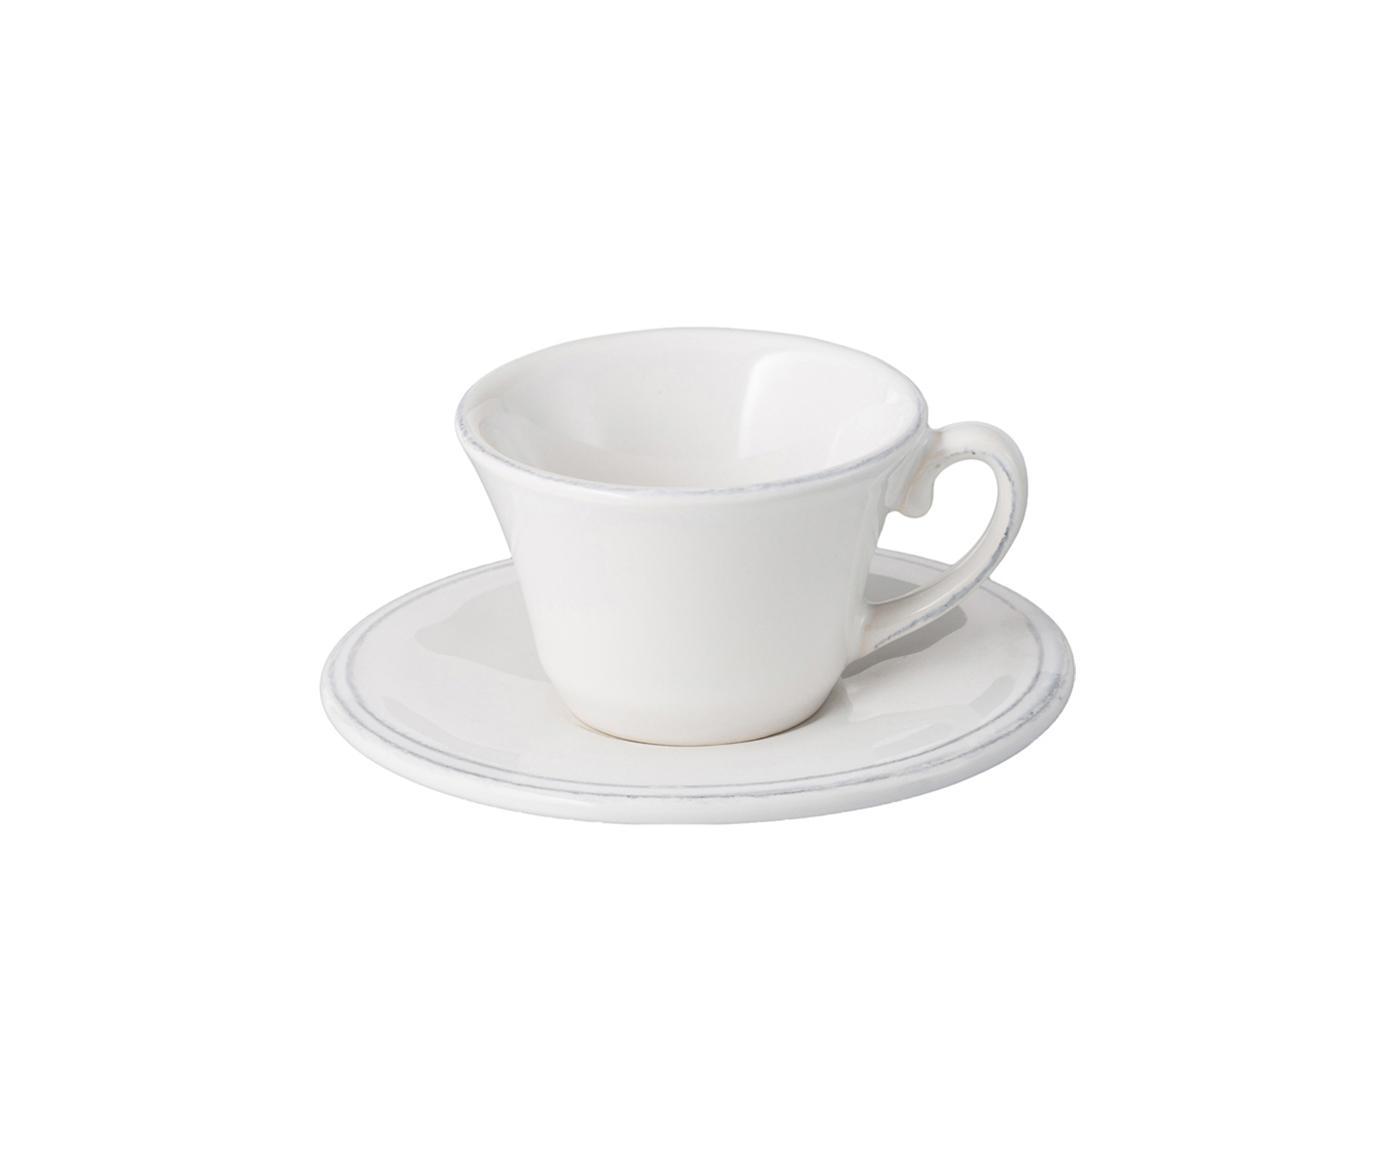 Tazzina caffè con piattino bianca Constance 6 pz, Ceramica, Bianco, Ø 13 x Alt. 6 cm